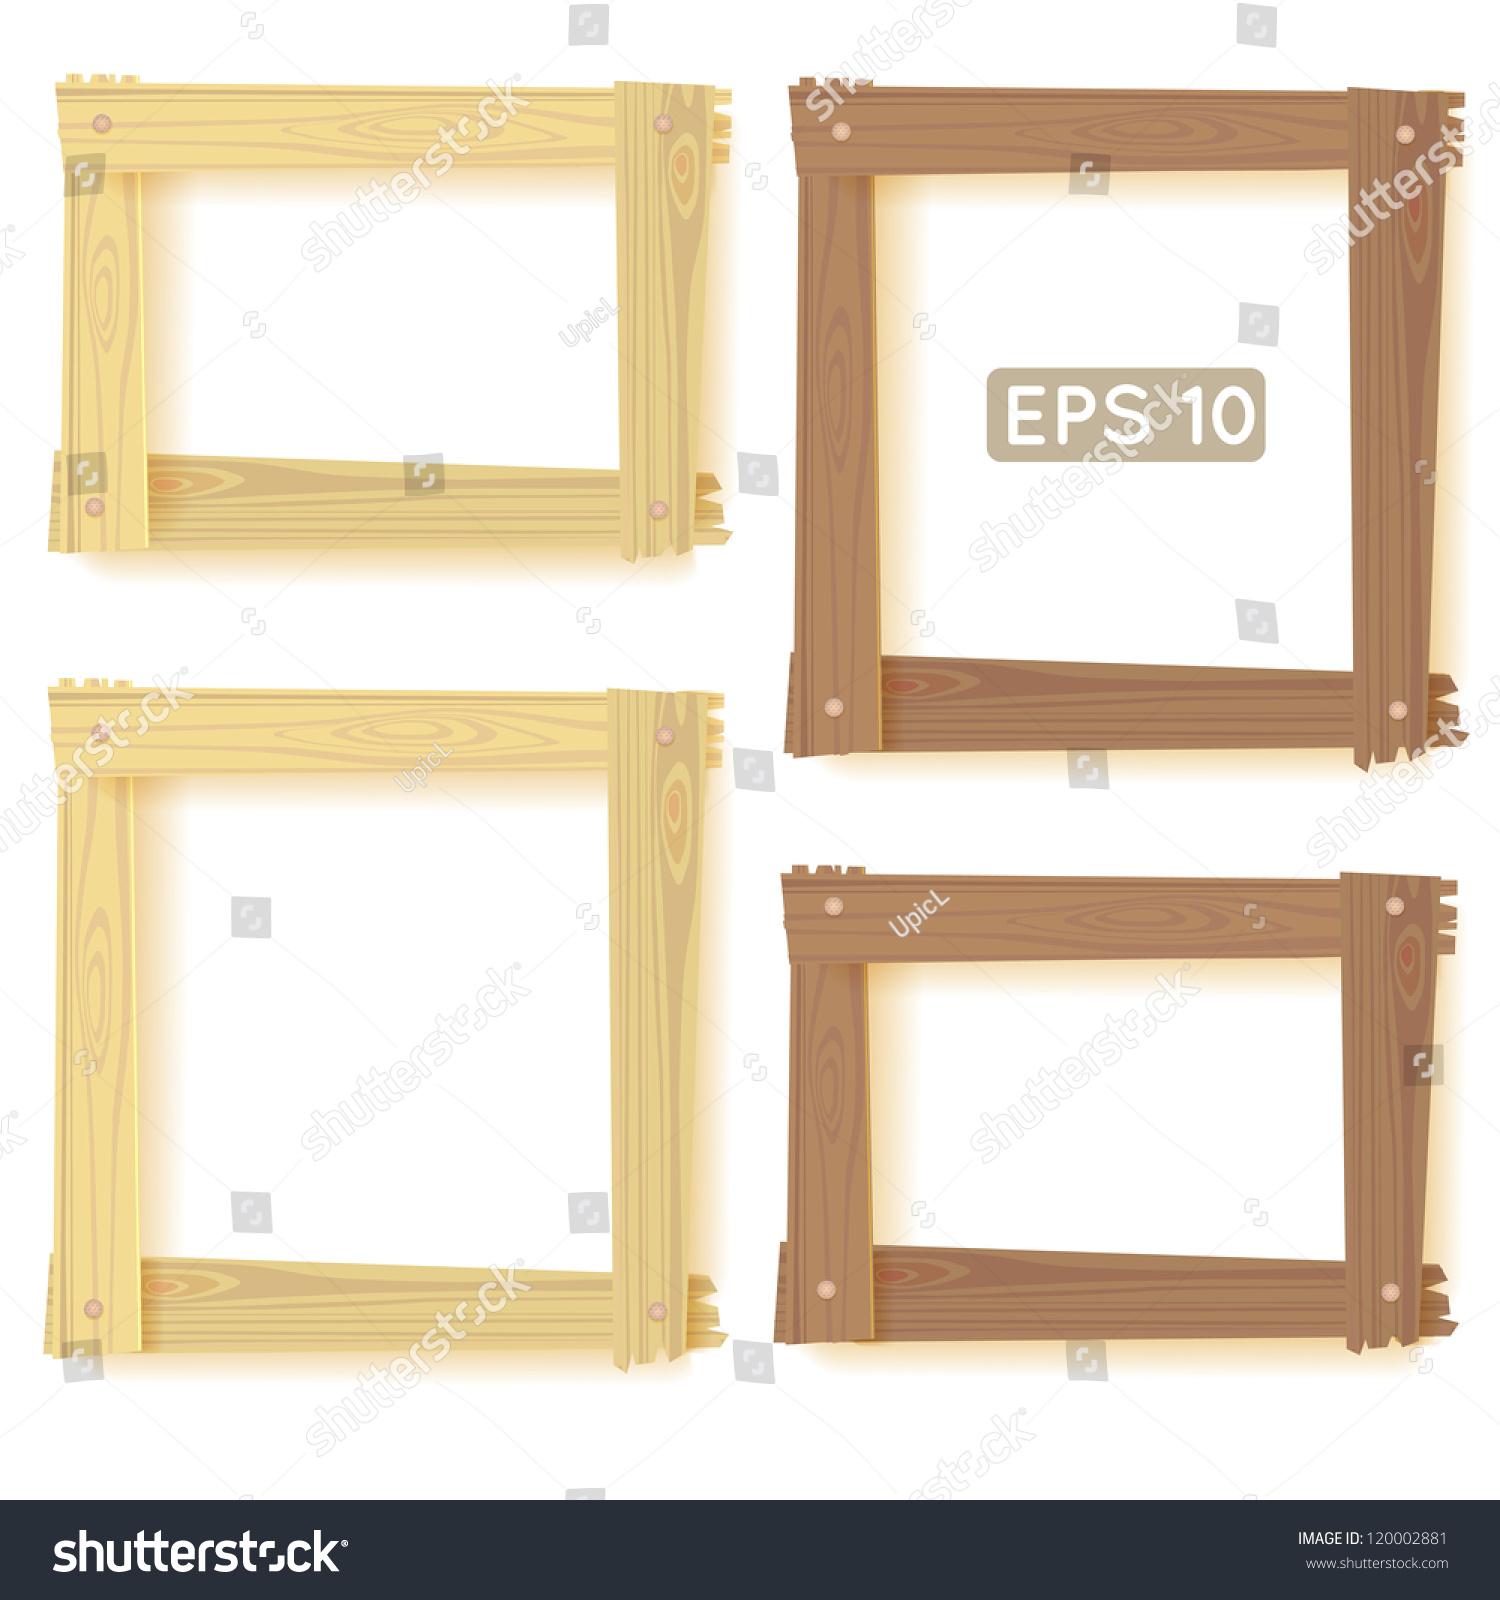 natural wood frames set picture - Natural Wood Frames